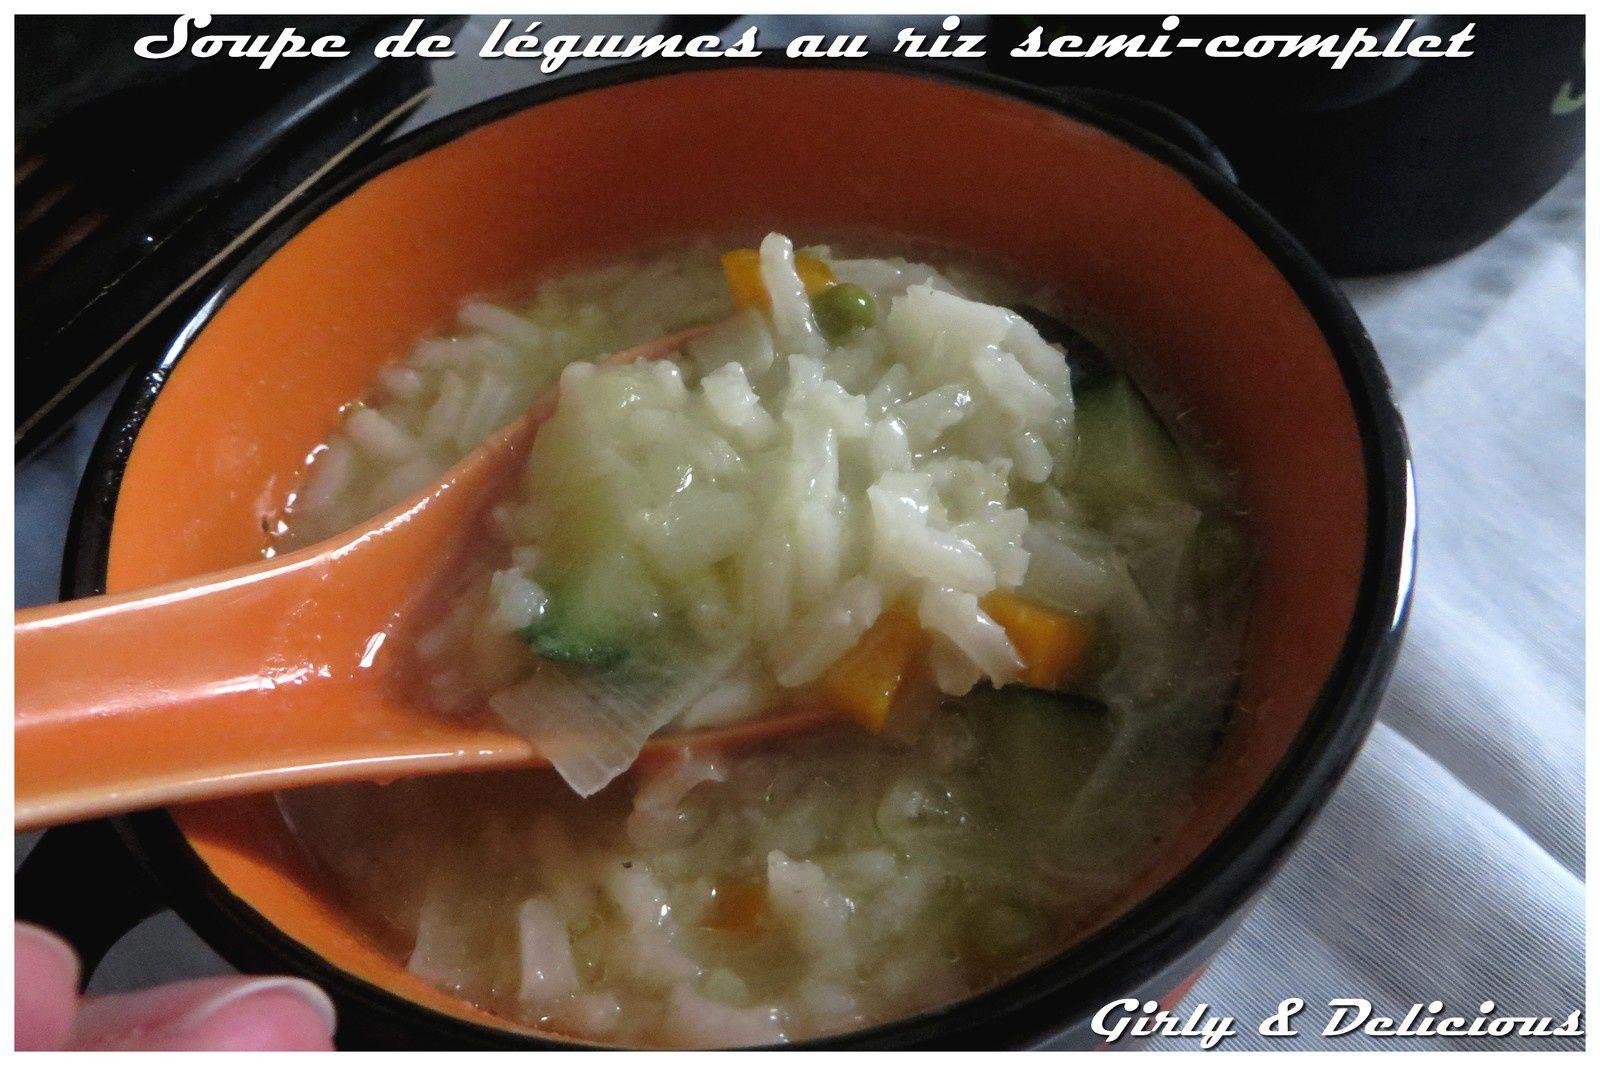 Soupe de légumes au riz semi-complet